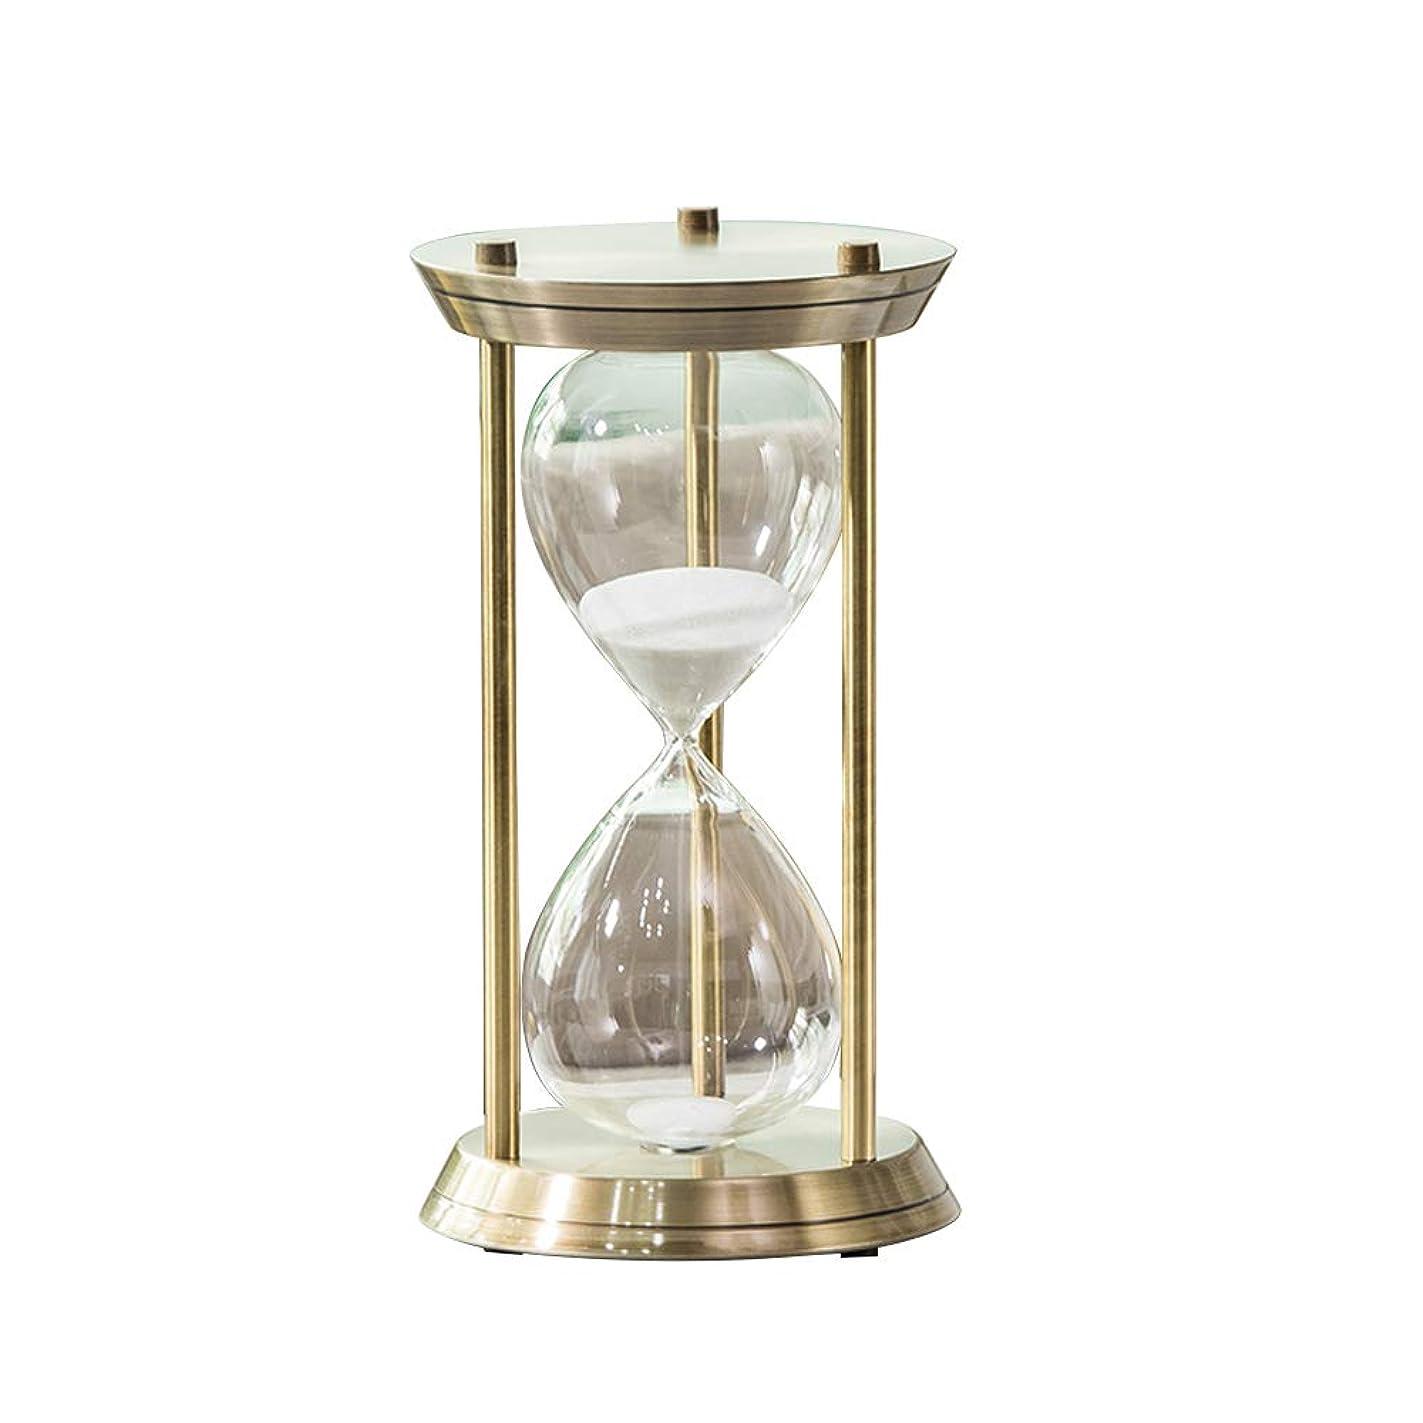 暖炉風邪をひく確立します3本の柱 時間 砂時計タイマー インテリアタイマークリエイティブ砂タイマー金属 オフィスデスクトップ装飾 ブロンズ 30分